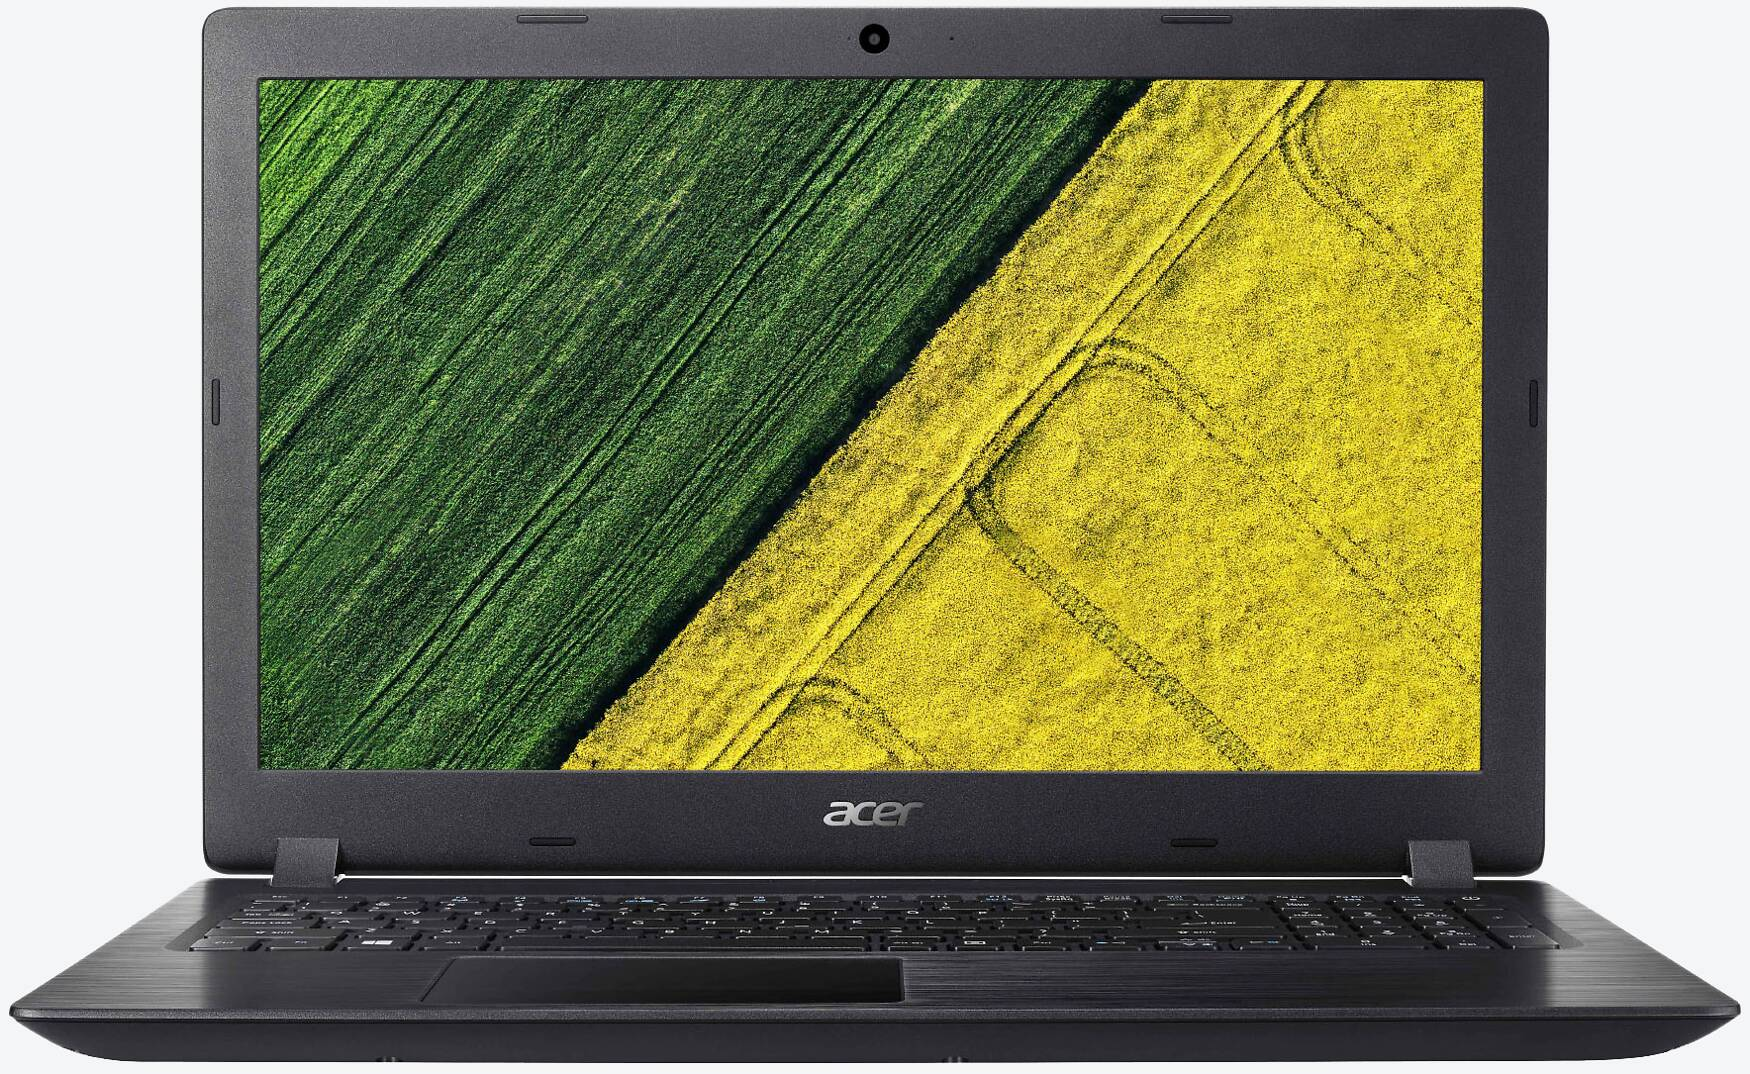 Acer Aspire 3 A315-53-341K